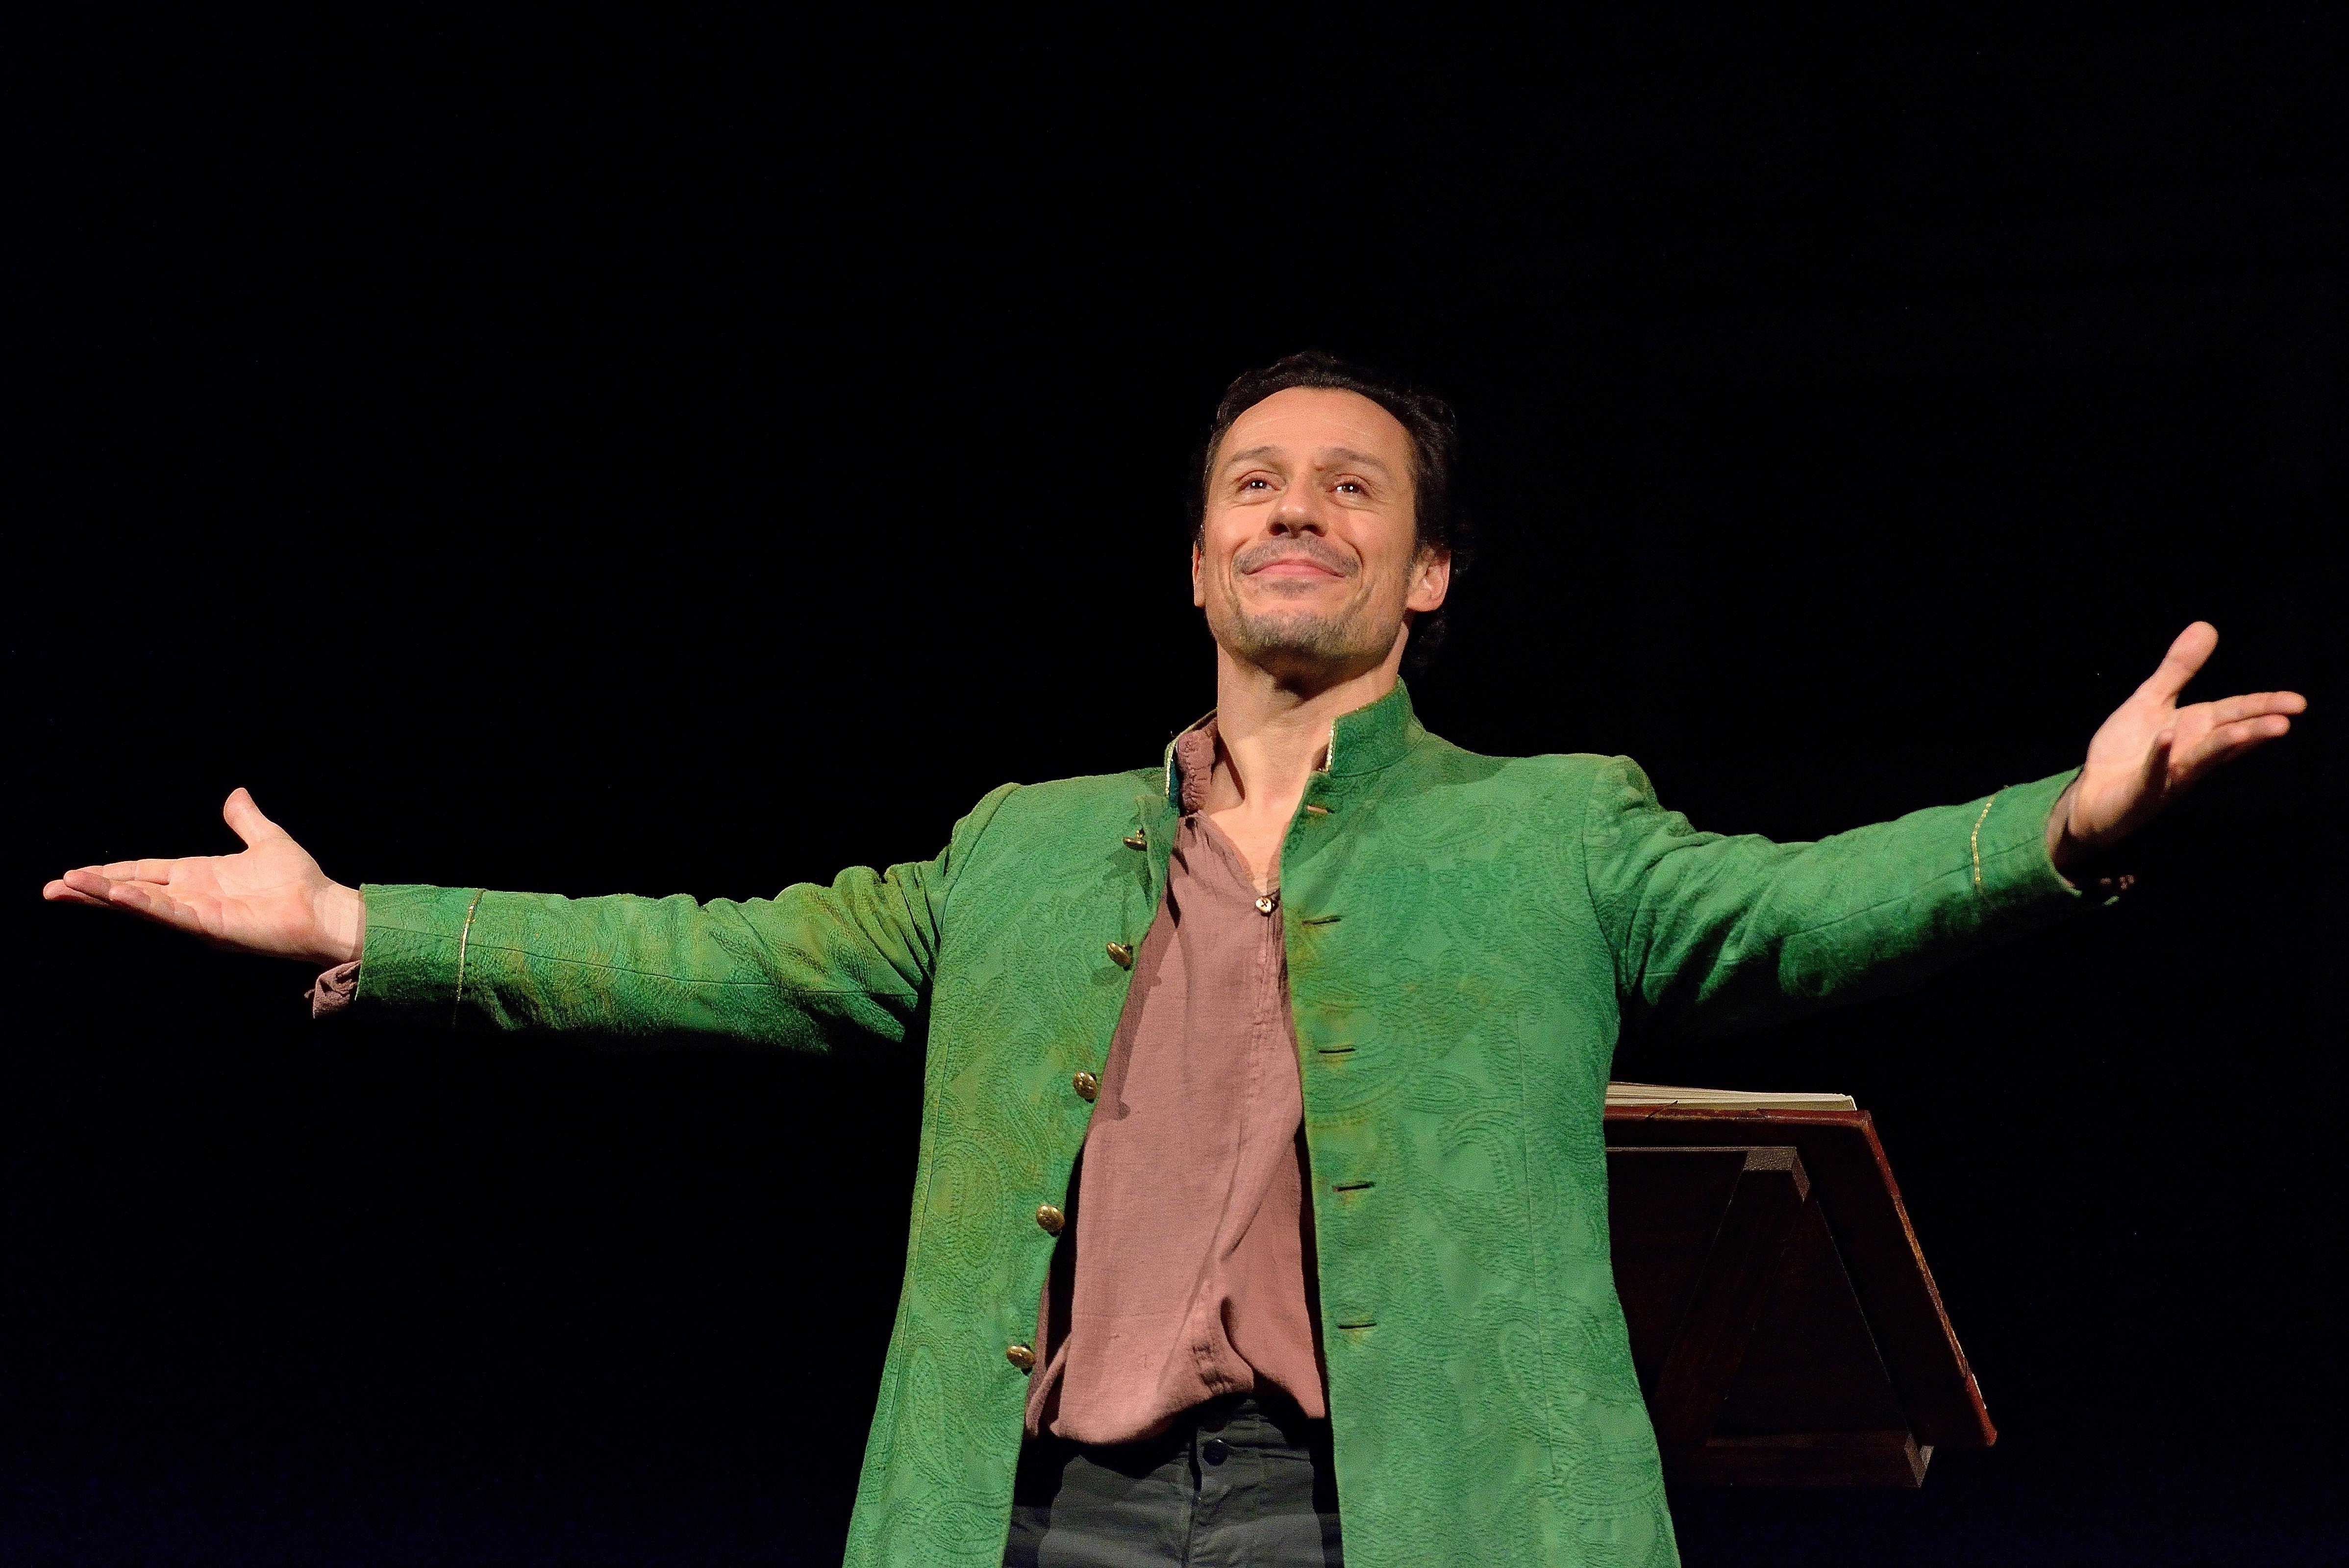 'Giocando con Orlando': Ludovico Ariosto ed il cantastorie Accorsi